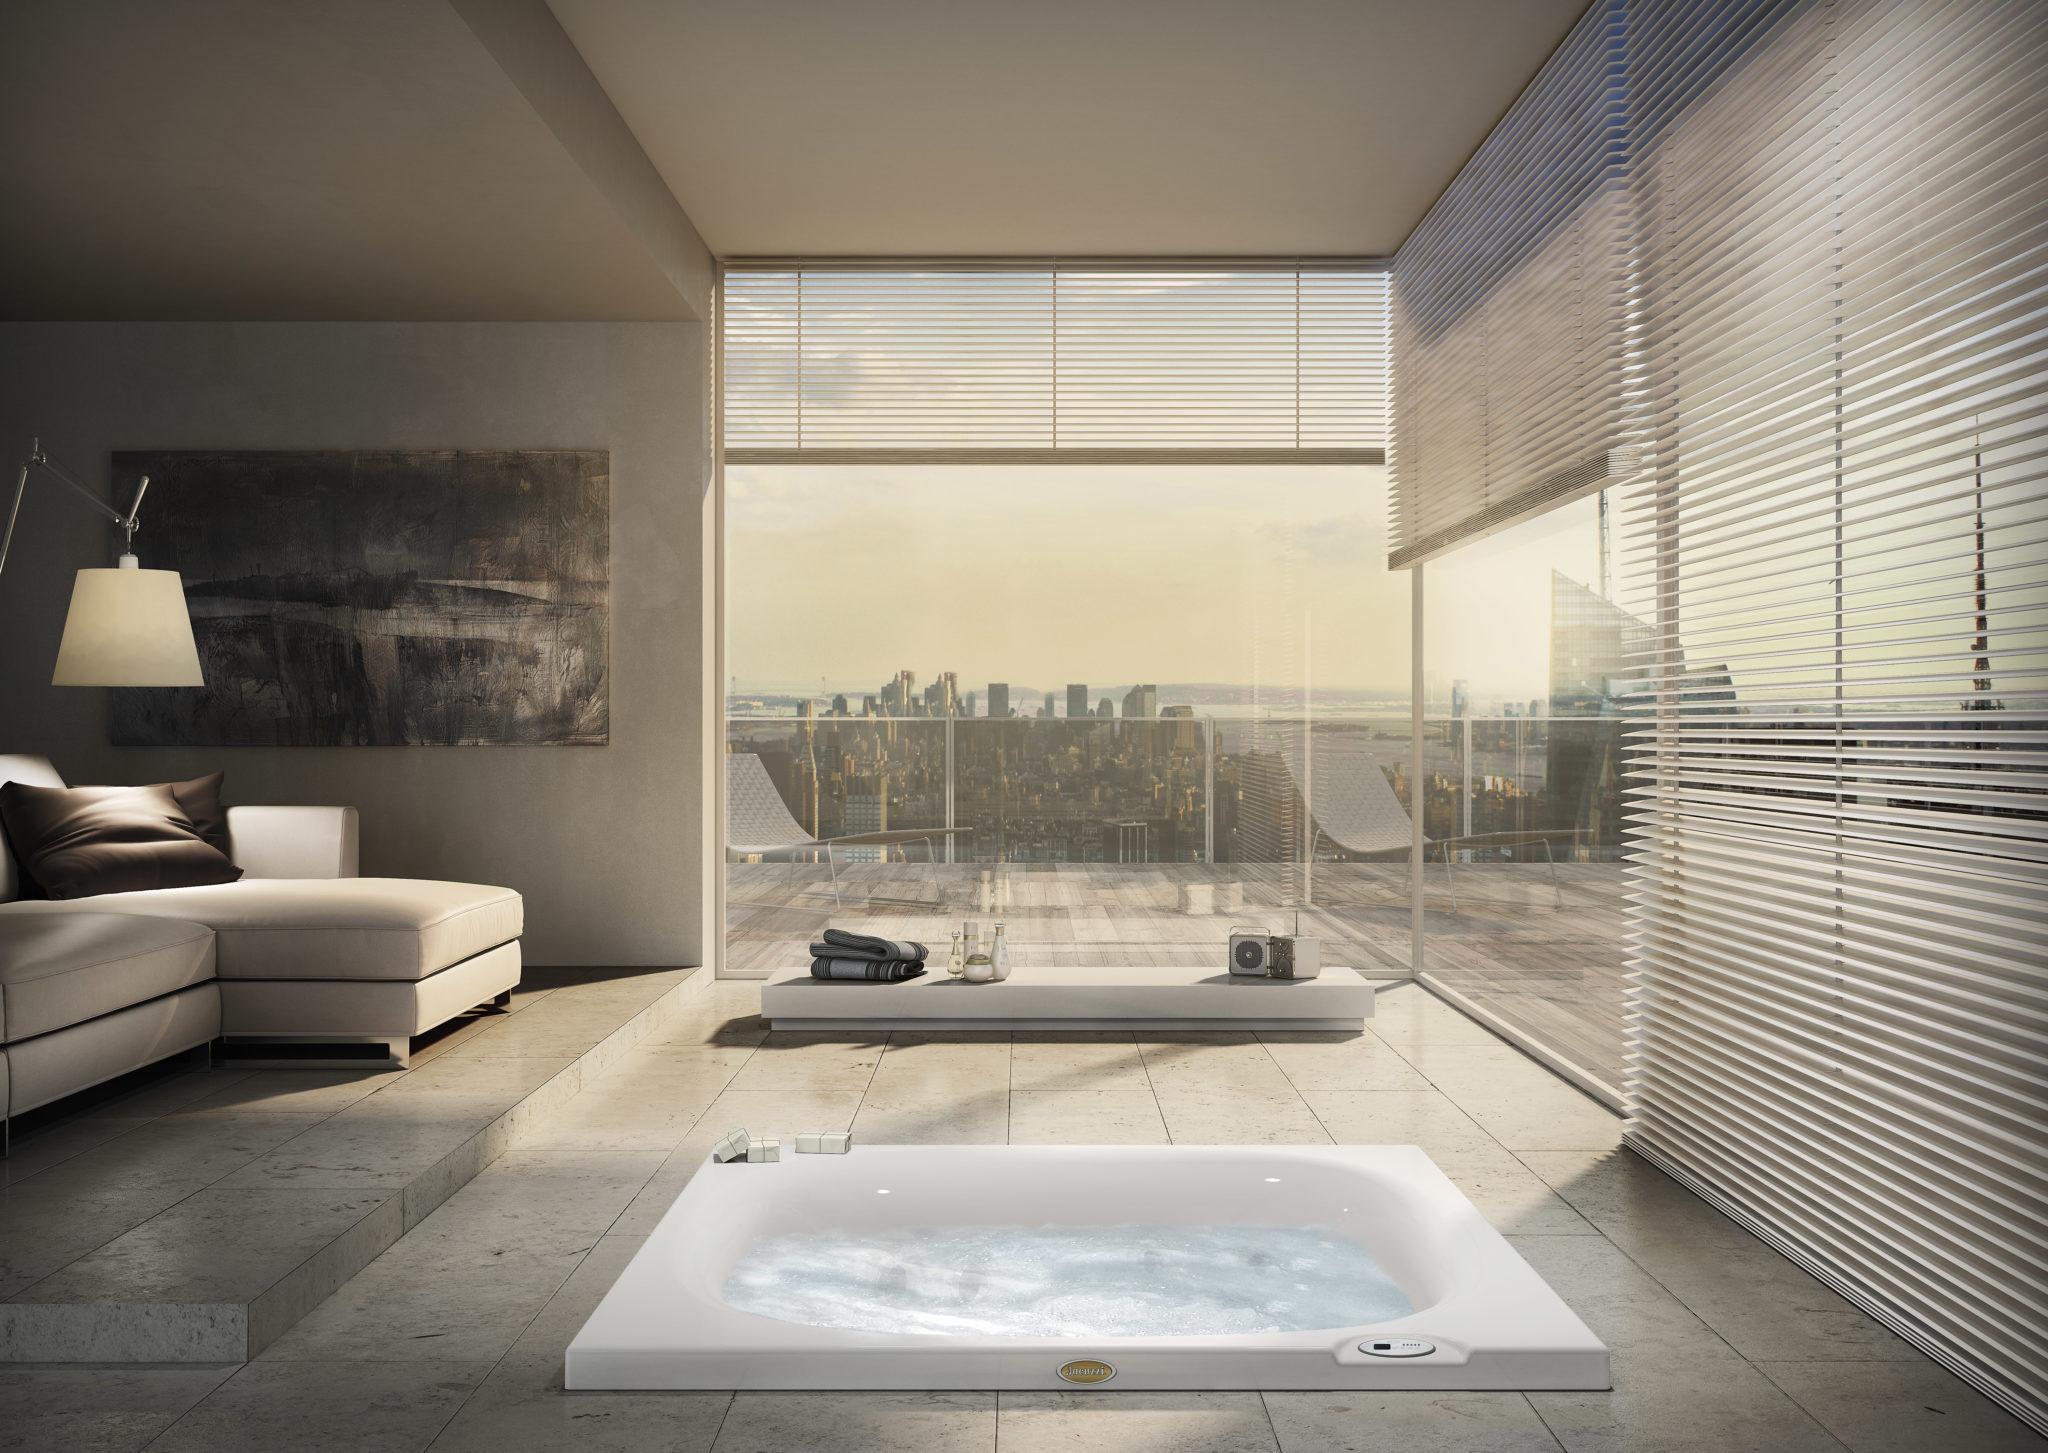 retrouvez nos spas de la marque jacuzzi la foire de bordeaux. Black Bedroom Furniture Sets. Home Design Ideas